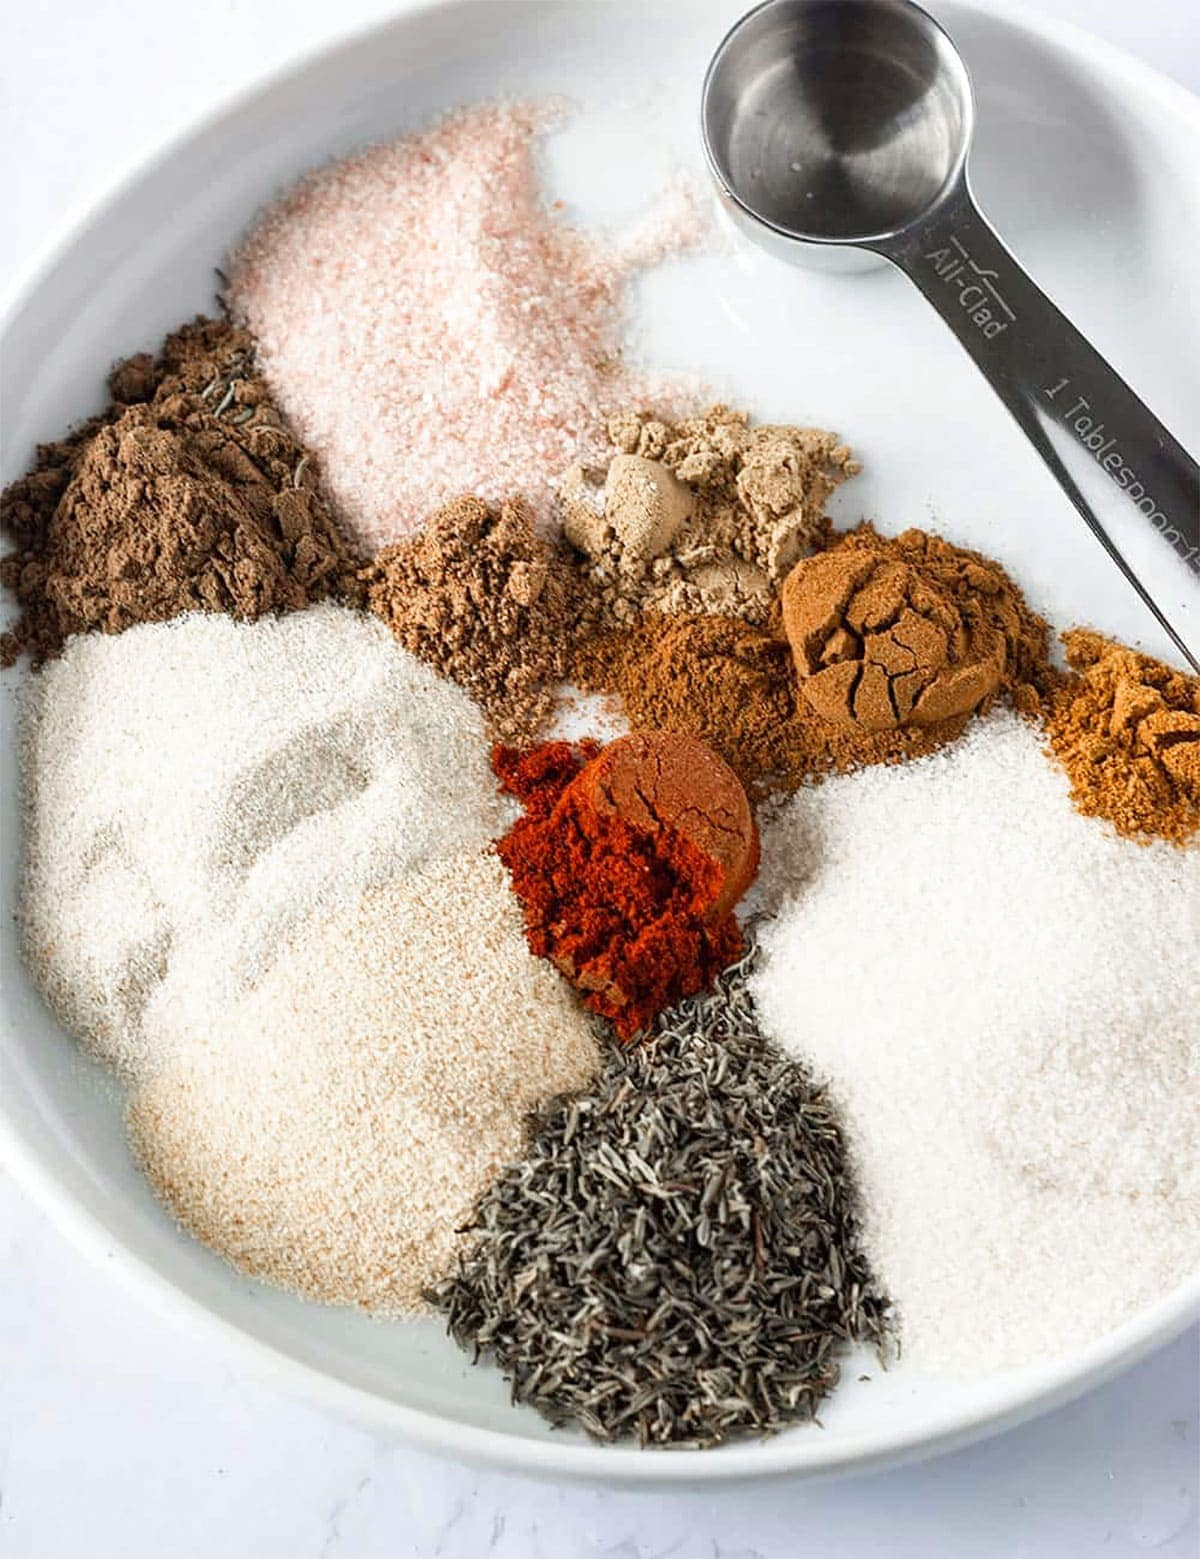 jerk seasoning ingredients